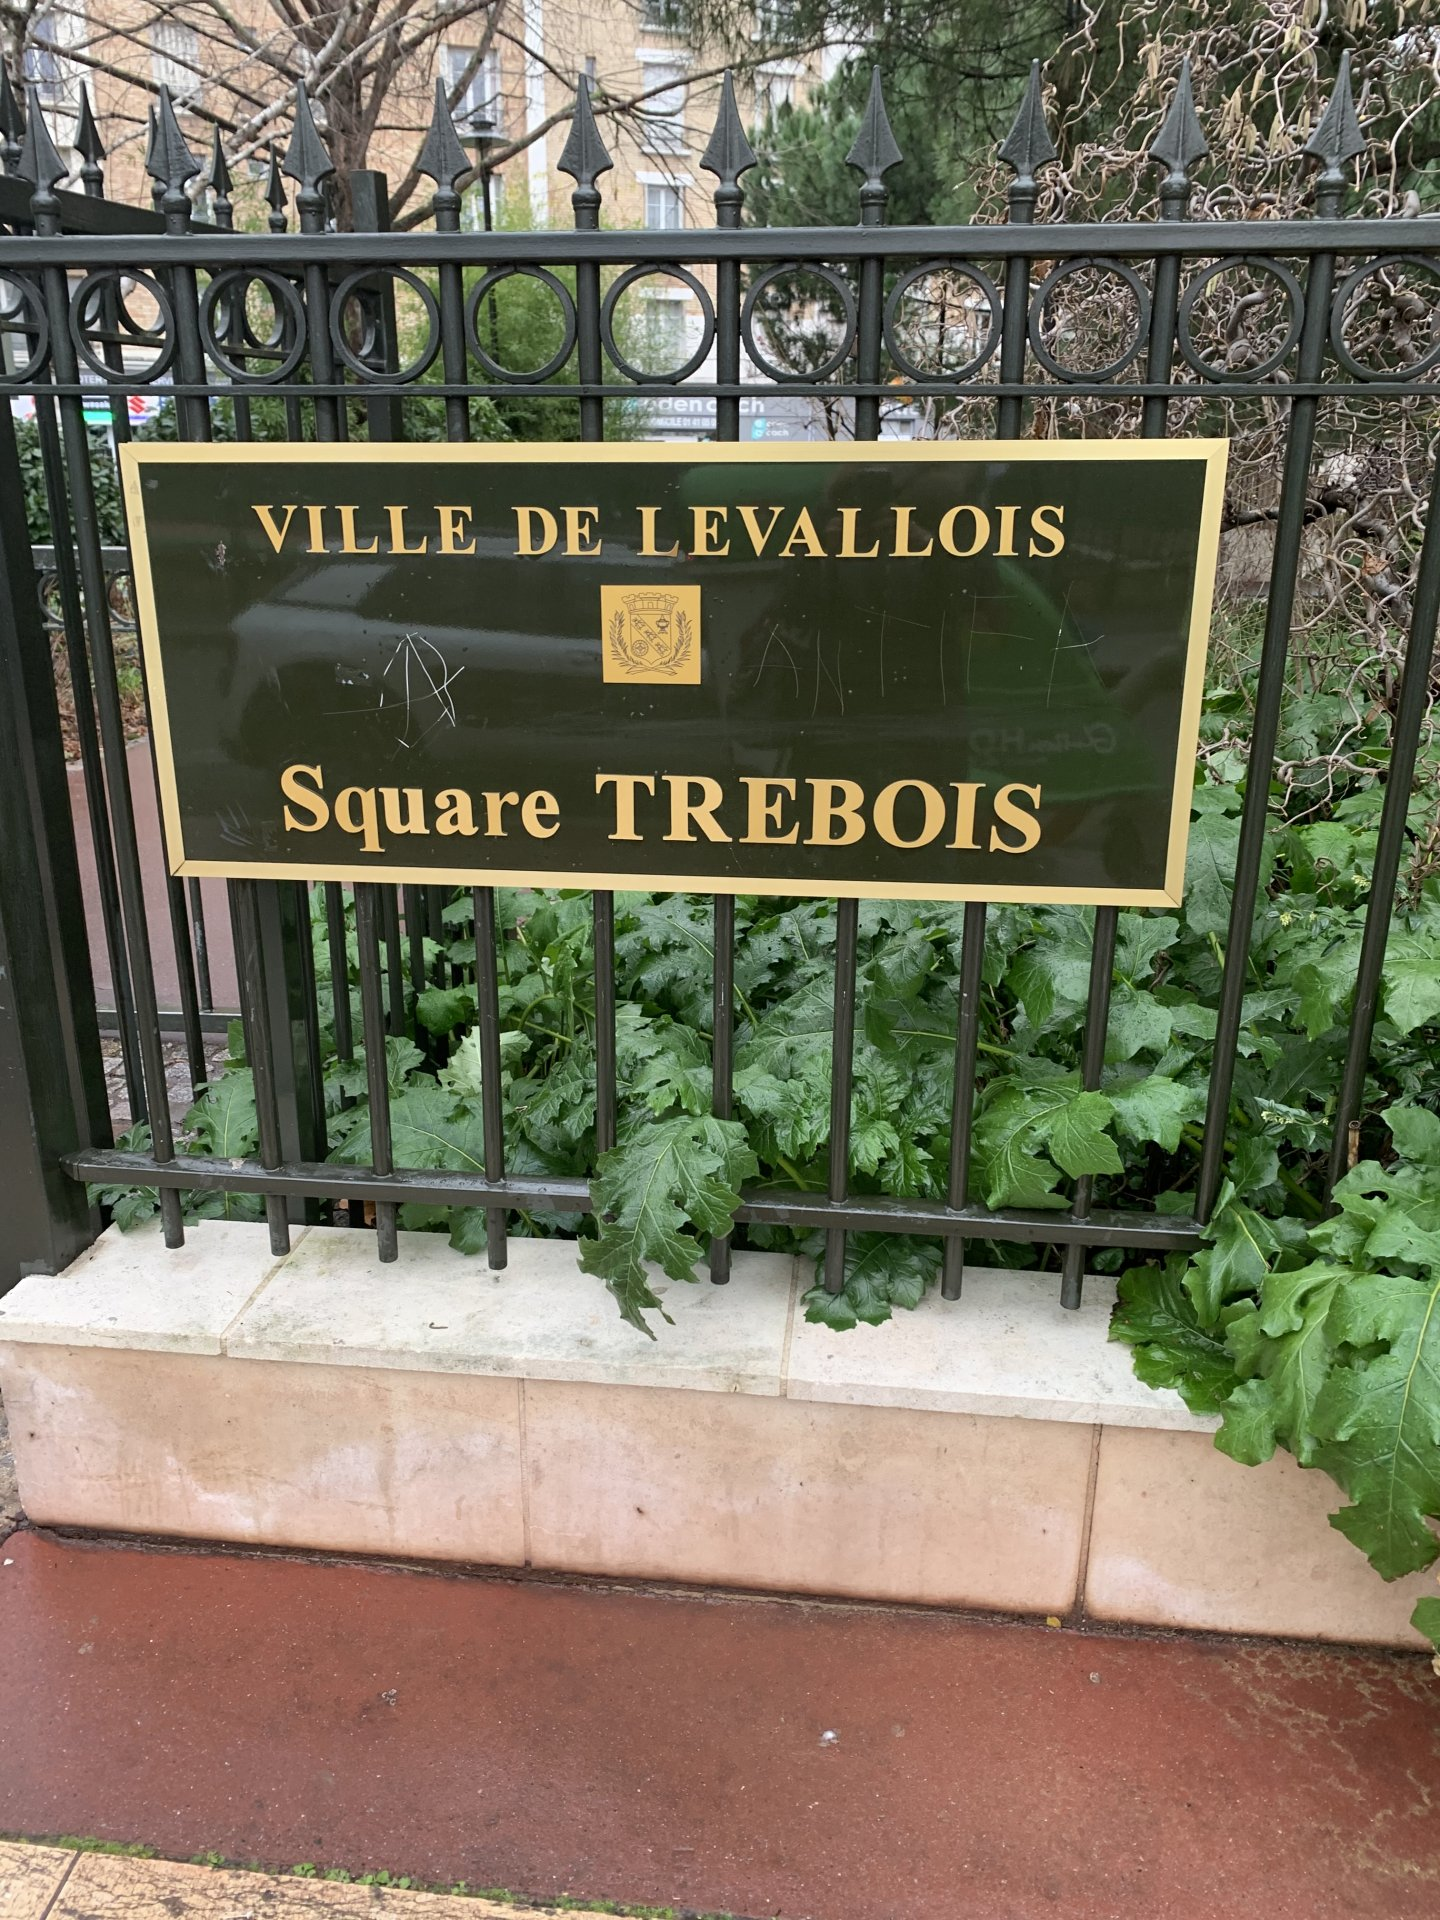 LEVALLOIS PERRET - SQUARE TREBOIS